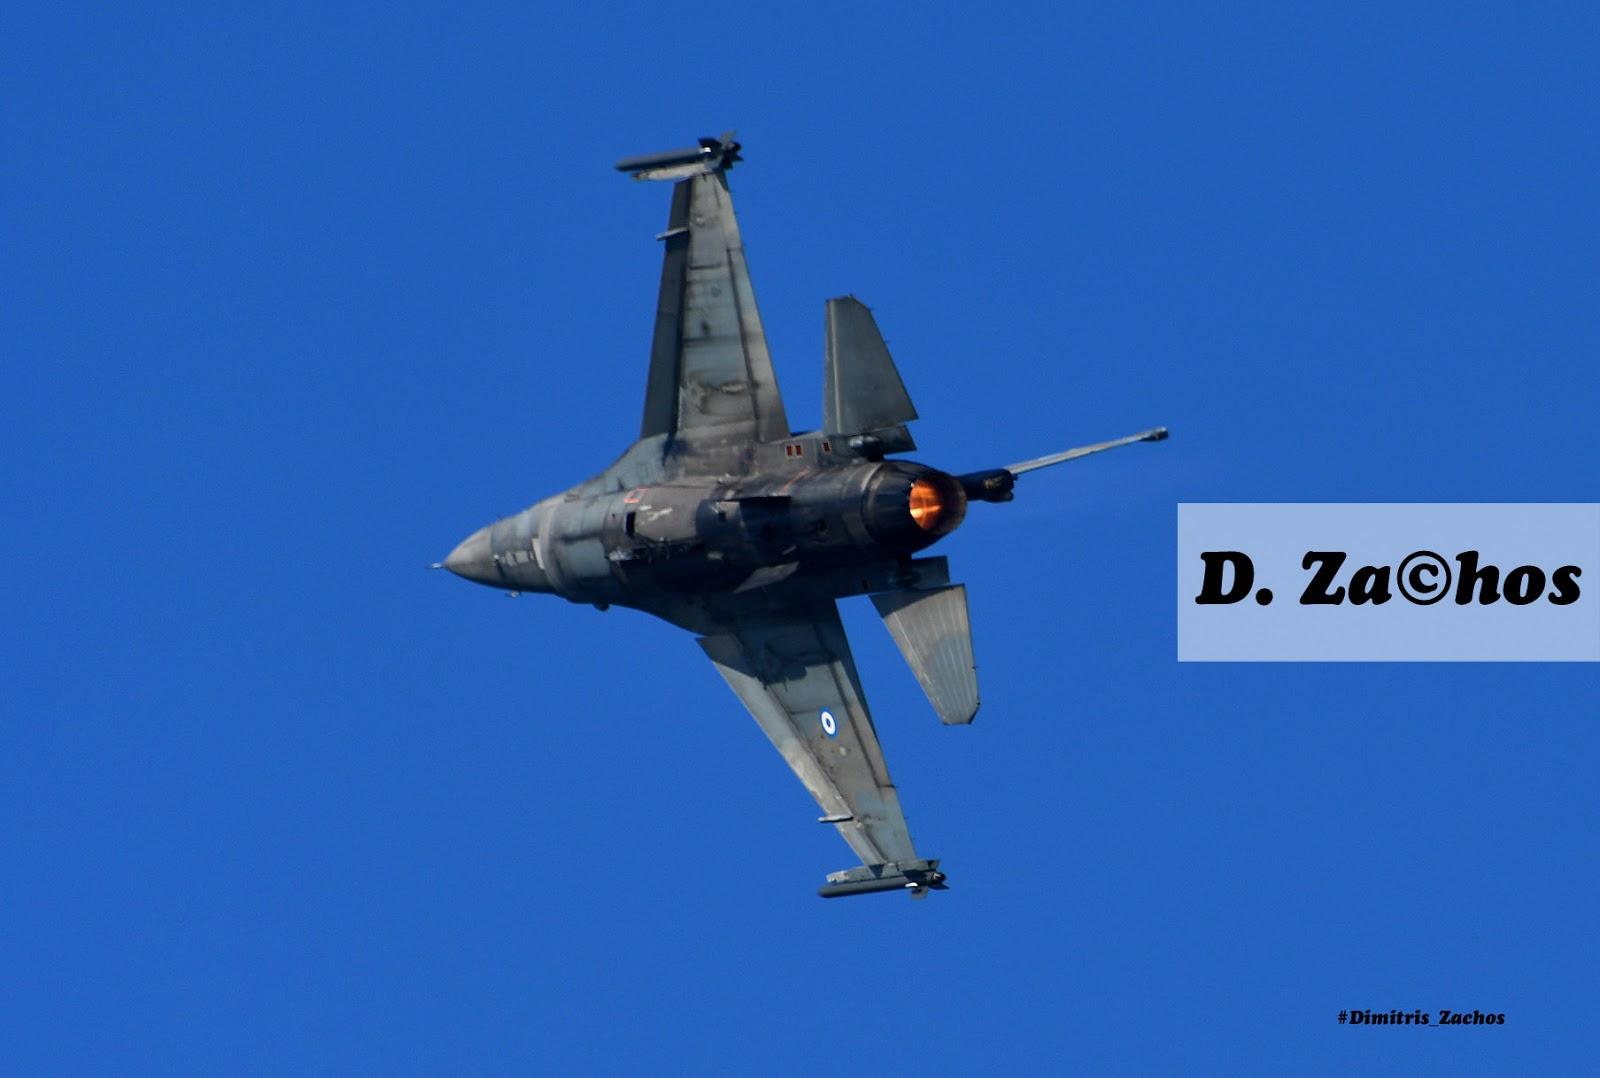 """Δοκιμαστική πτήση της Ομάδας Αεροπορικών Επιδείξεων F-16 της Π.Α. """"Ζευς"""" στη Θεσσαλονίκη."""